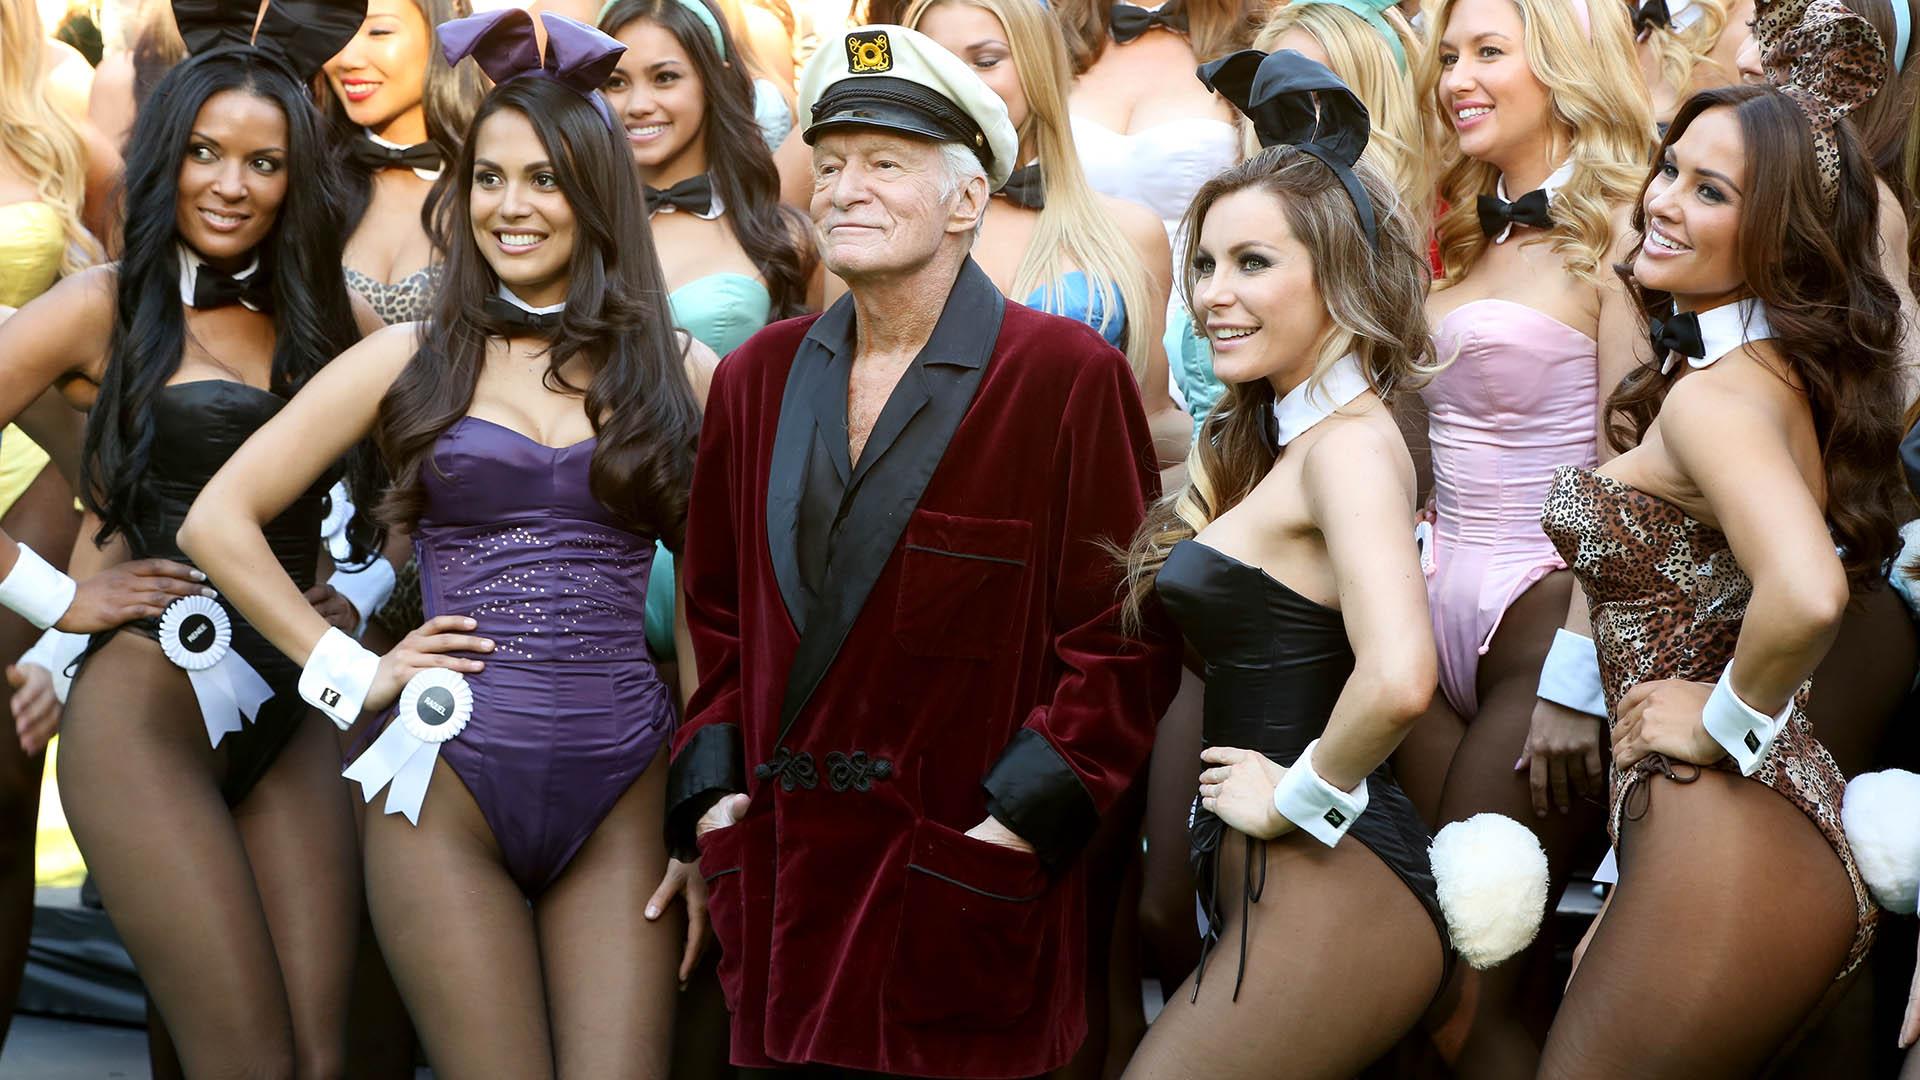 El fundador del imperio Playboy será recordado, entre tantos hechos, por su singular manera de vestir. Impuso las batas de entre casa como objeto fetiche todo terreno (Rachel Murray/Getty Images for Playboy)